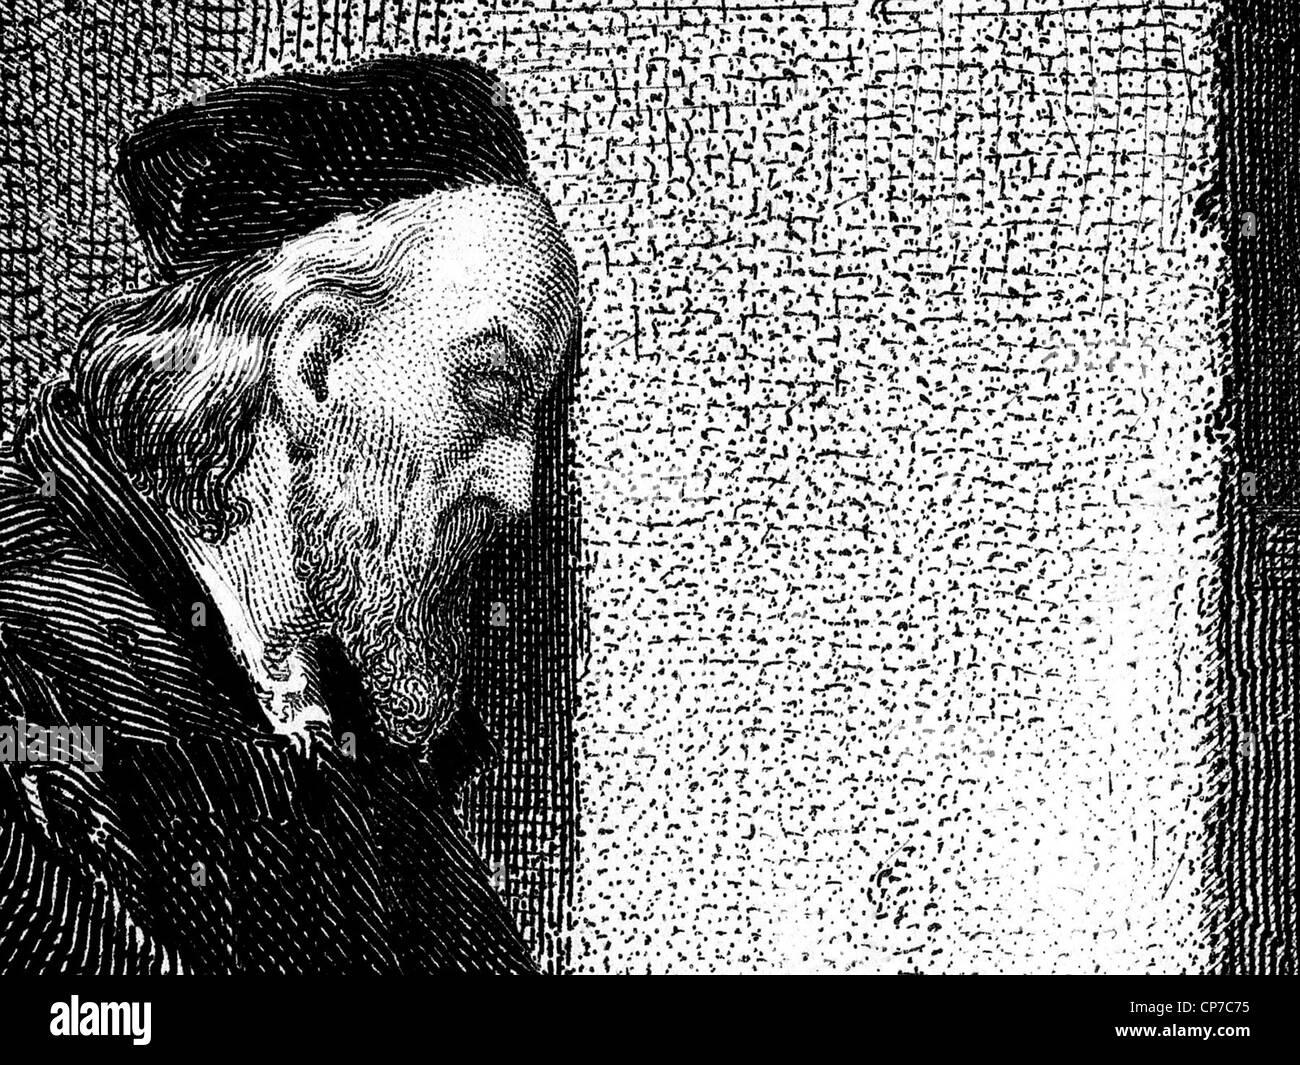 Xilografia incisione di Sir o Saint Thomas Moore, avvocato inglese, filosofo sociale, autore e più. Immagini Stock